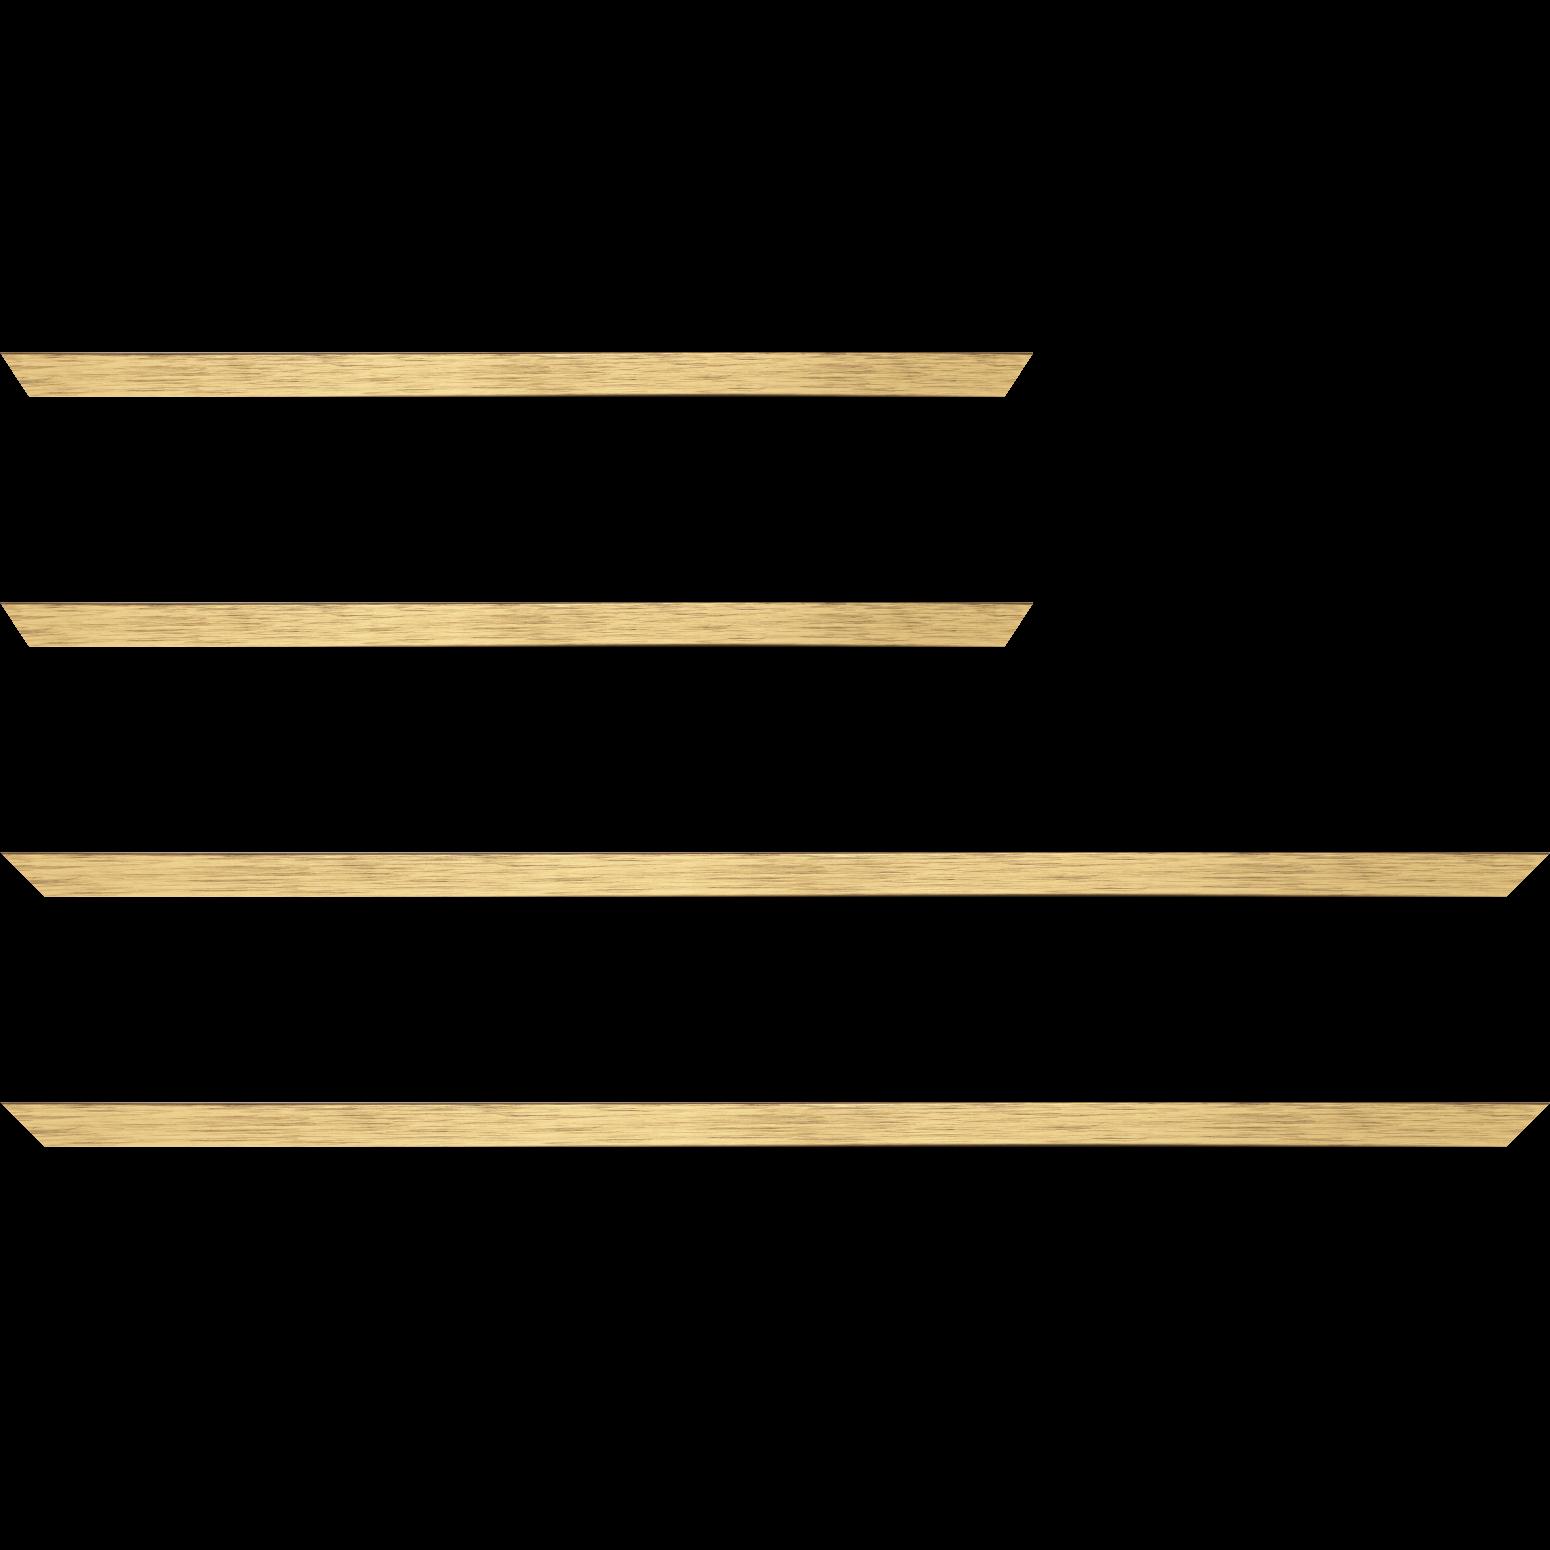 Baguette service précoupé Bois profil plat largeur 1.5cm couleur or